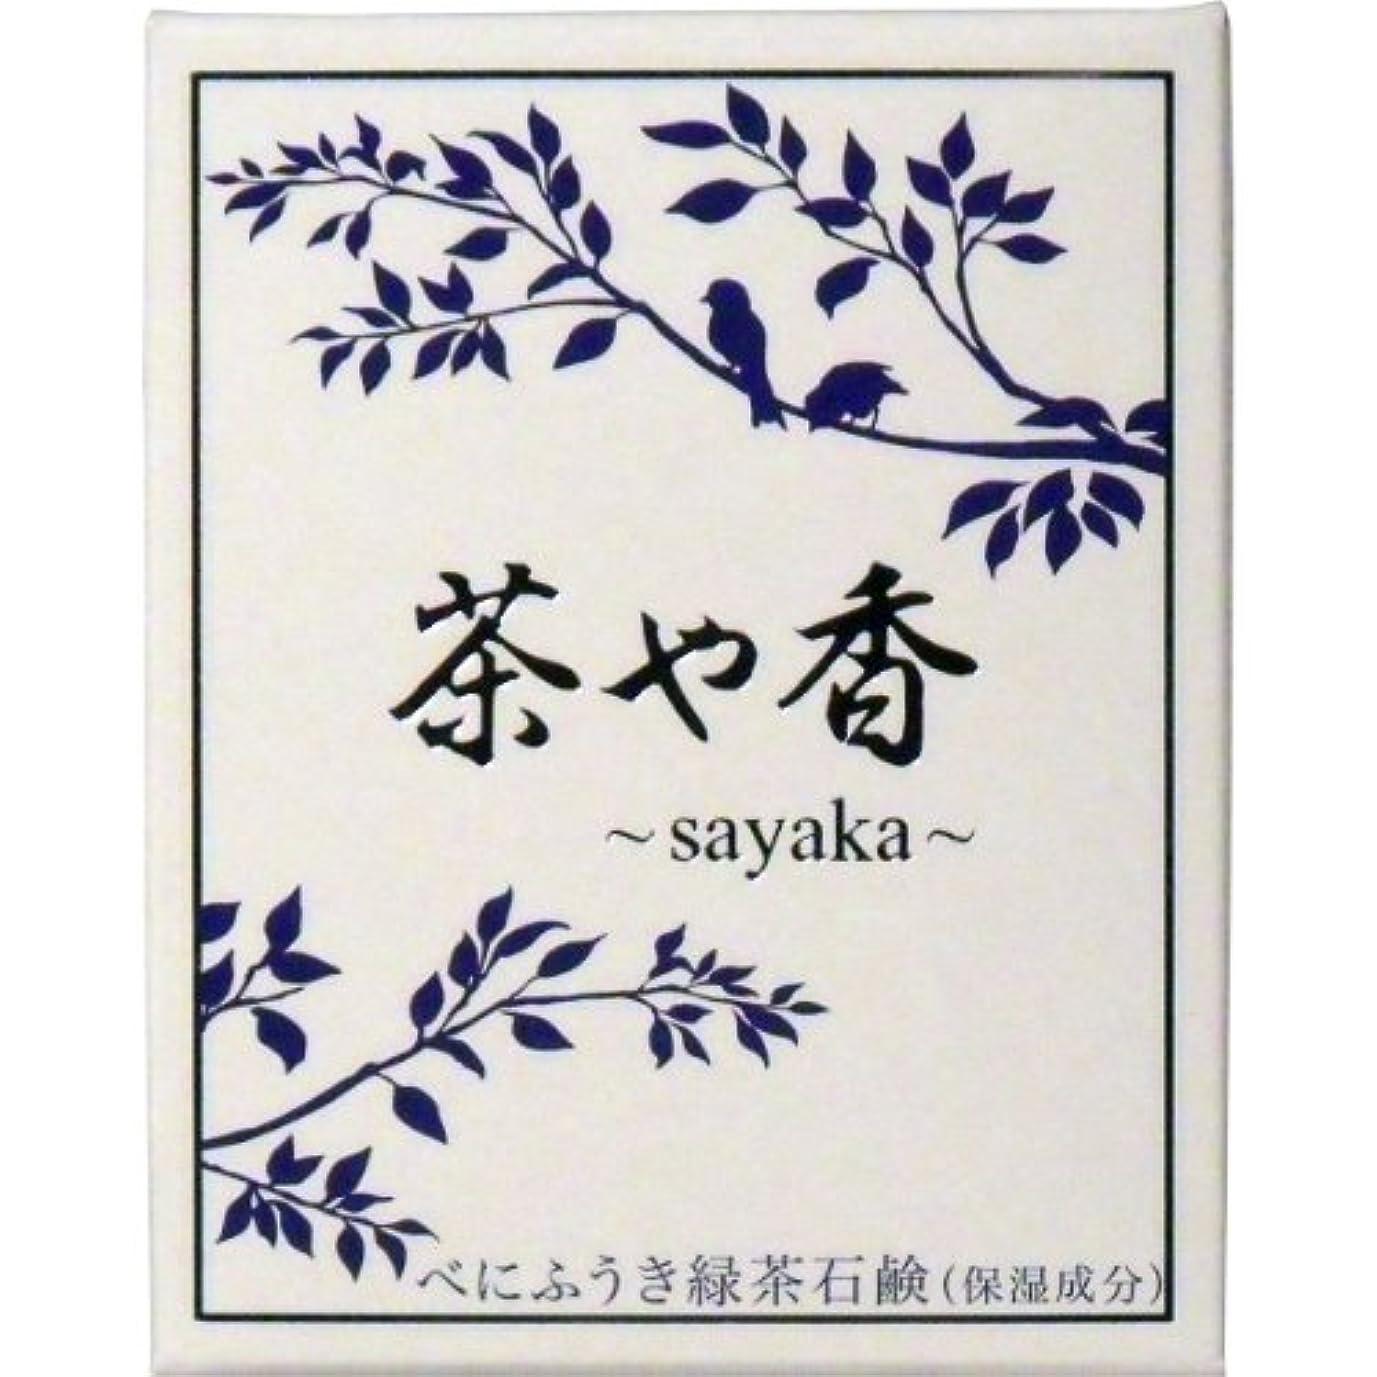 ホイットニー樫の木自分の茶や香 -sayaka- べにふうき緑茶石鹸 100g入 ×10個セット